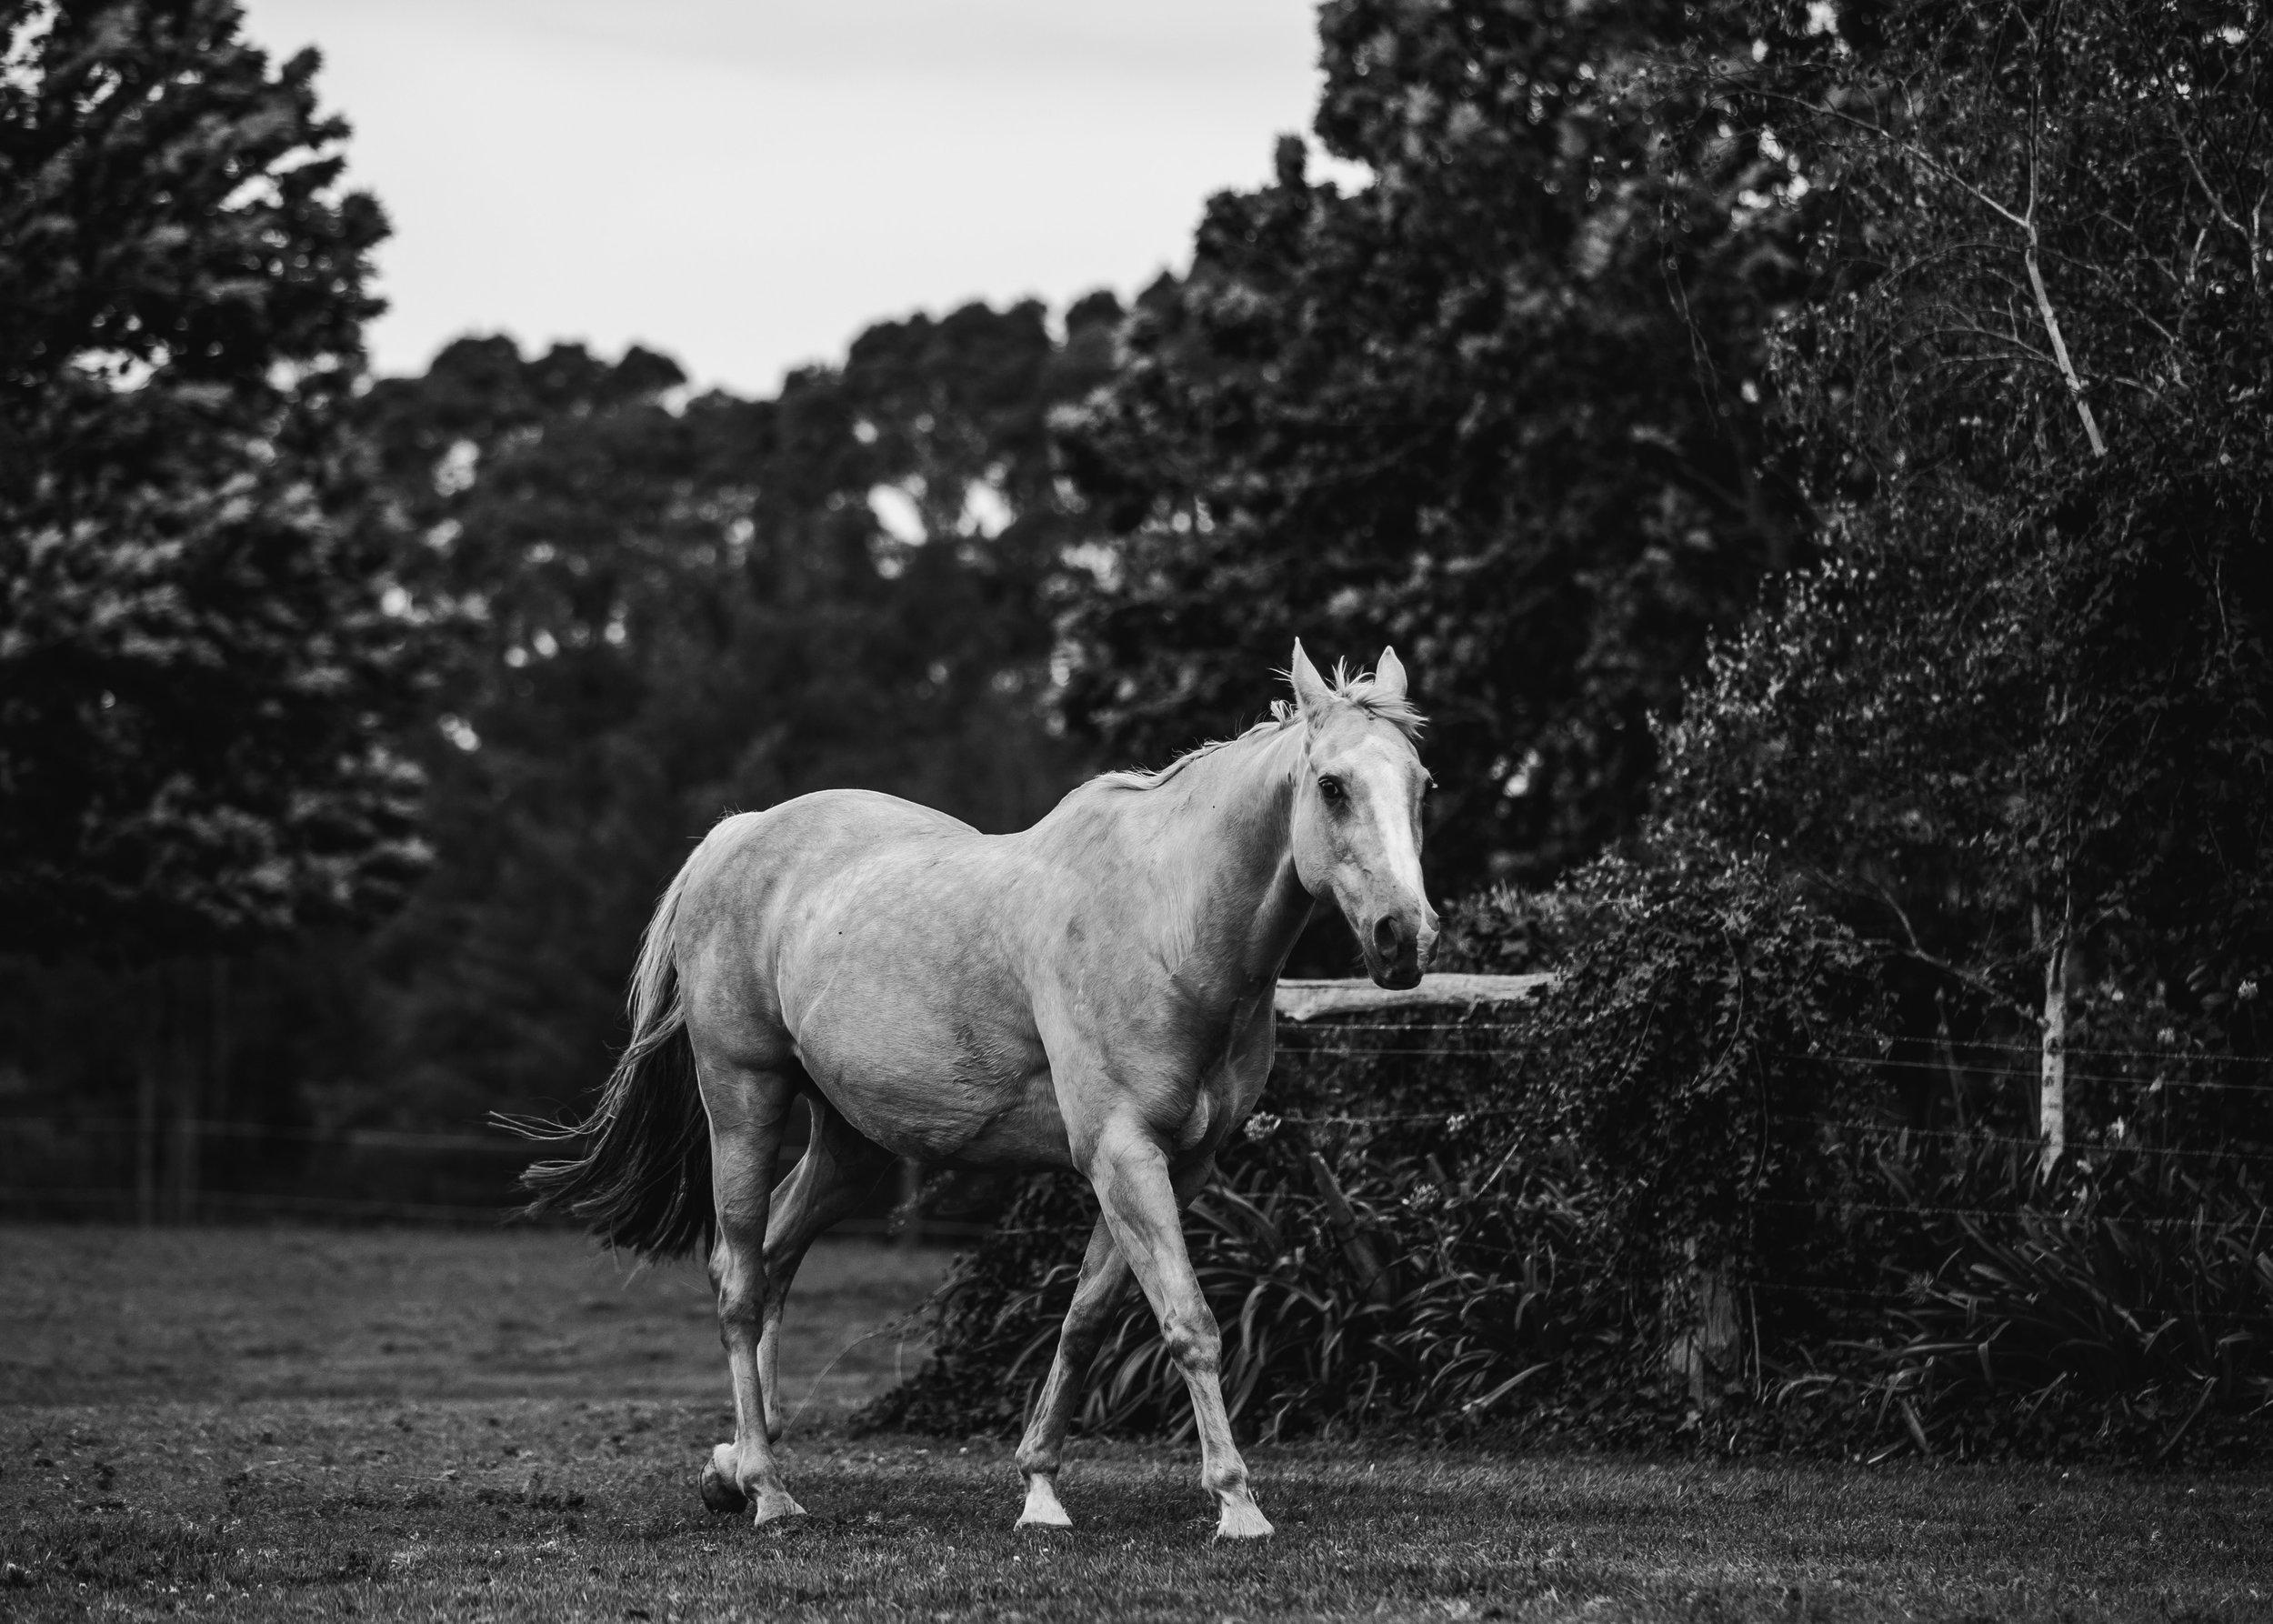 Horses-26.jpg